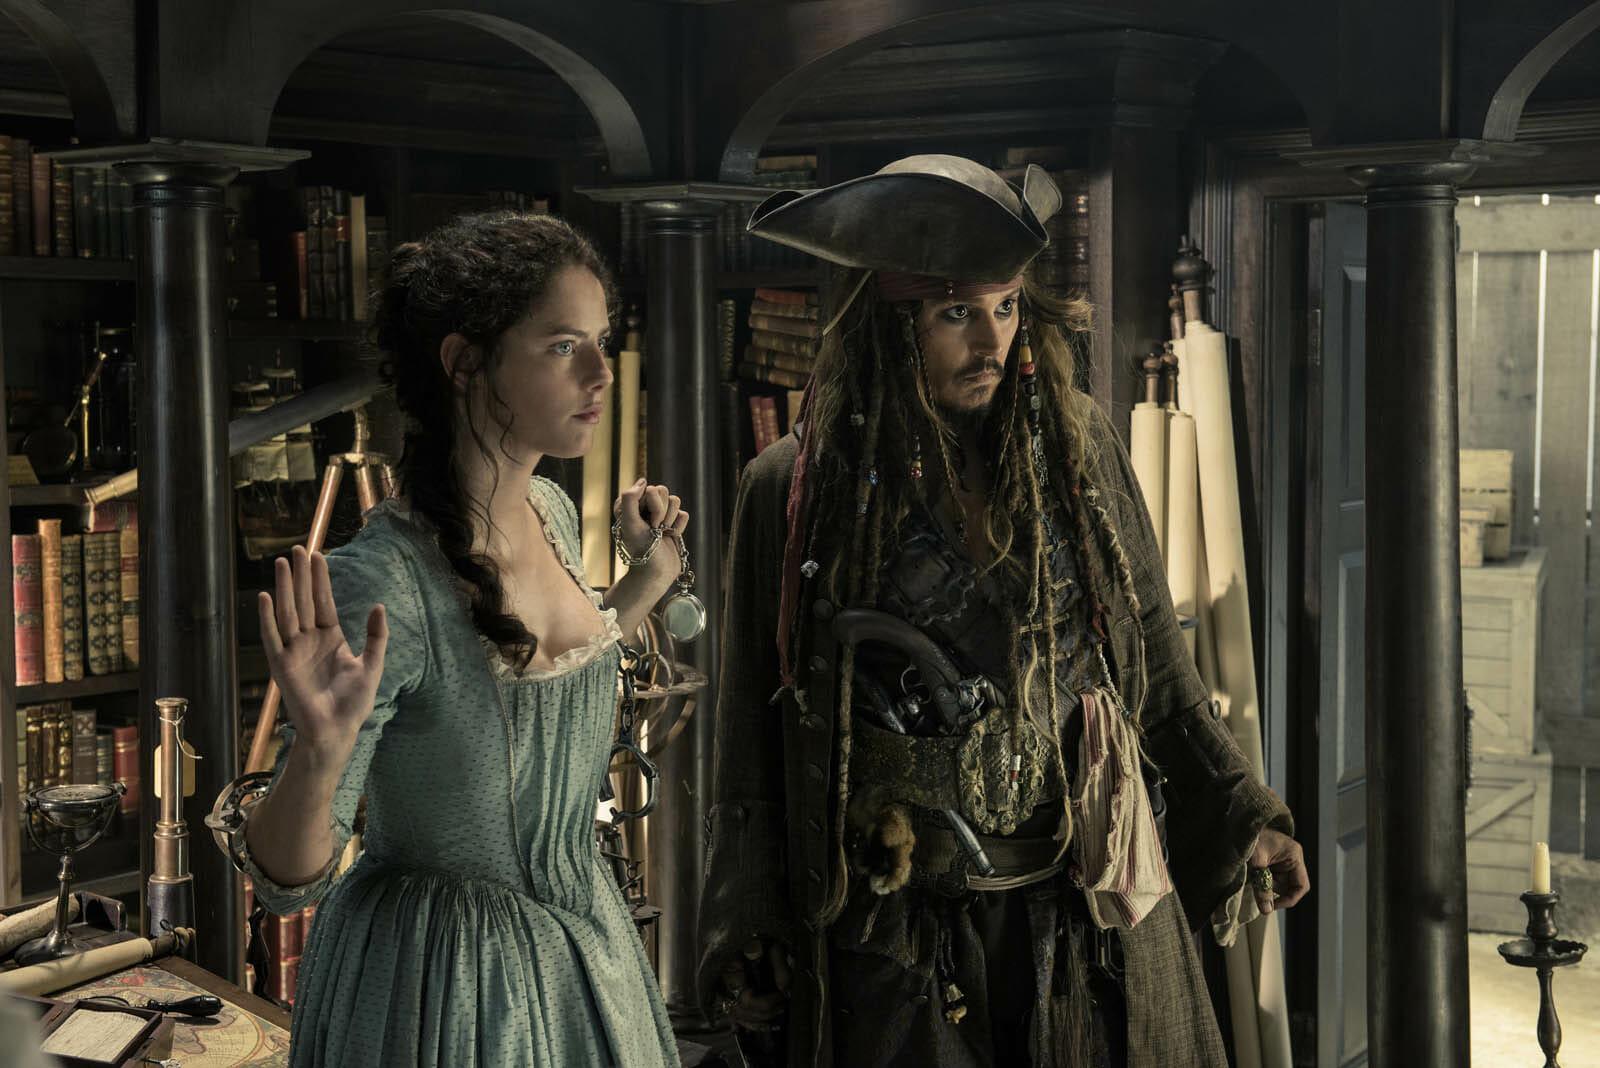 Pirates-des-caraibes-5-kaya-scodelario-Depp